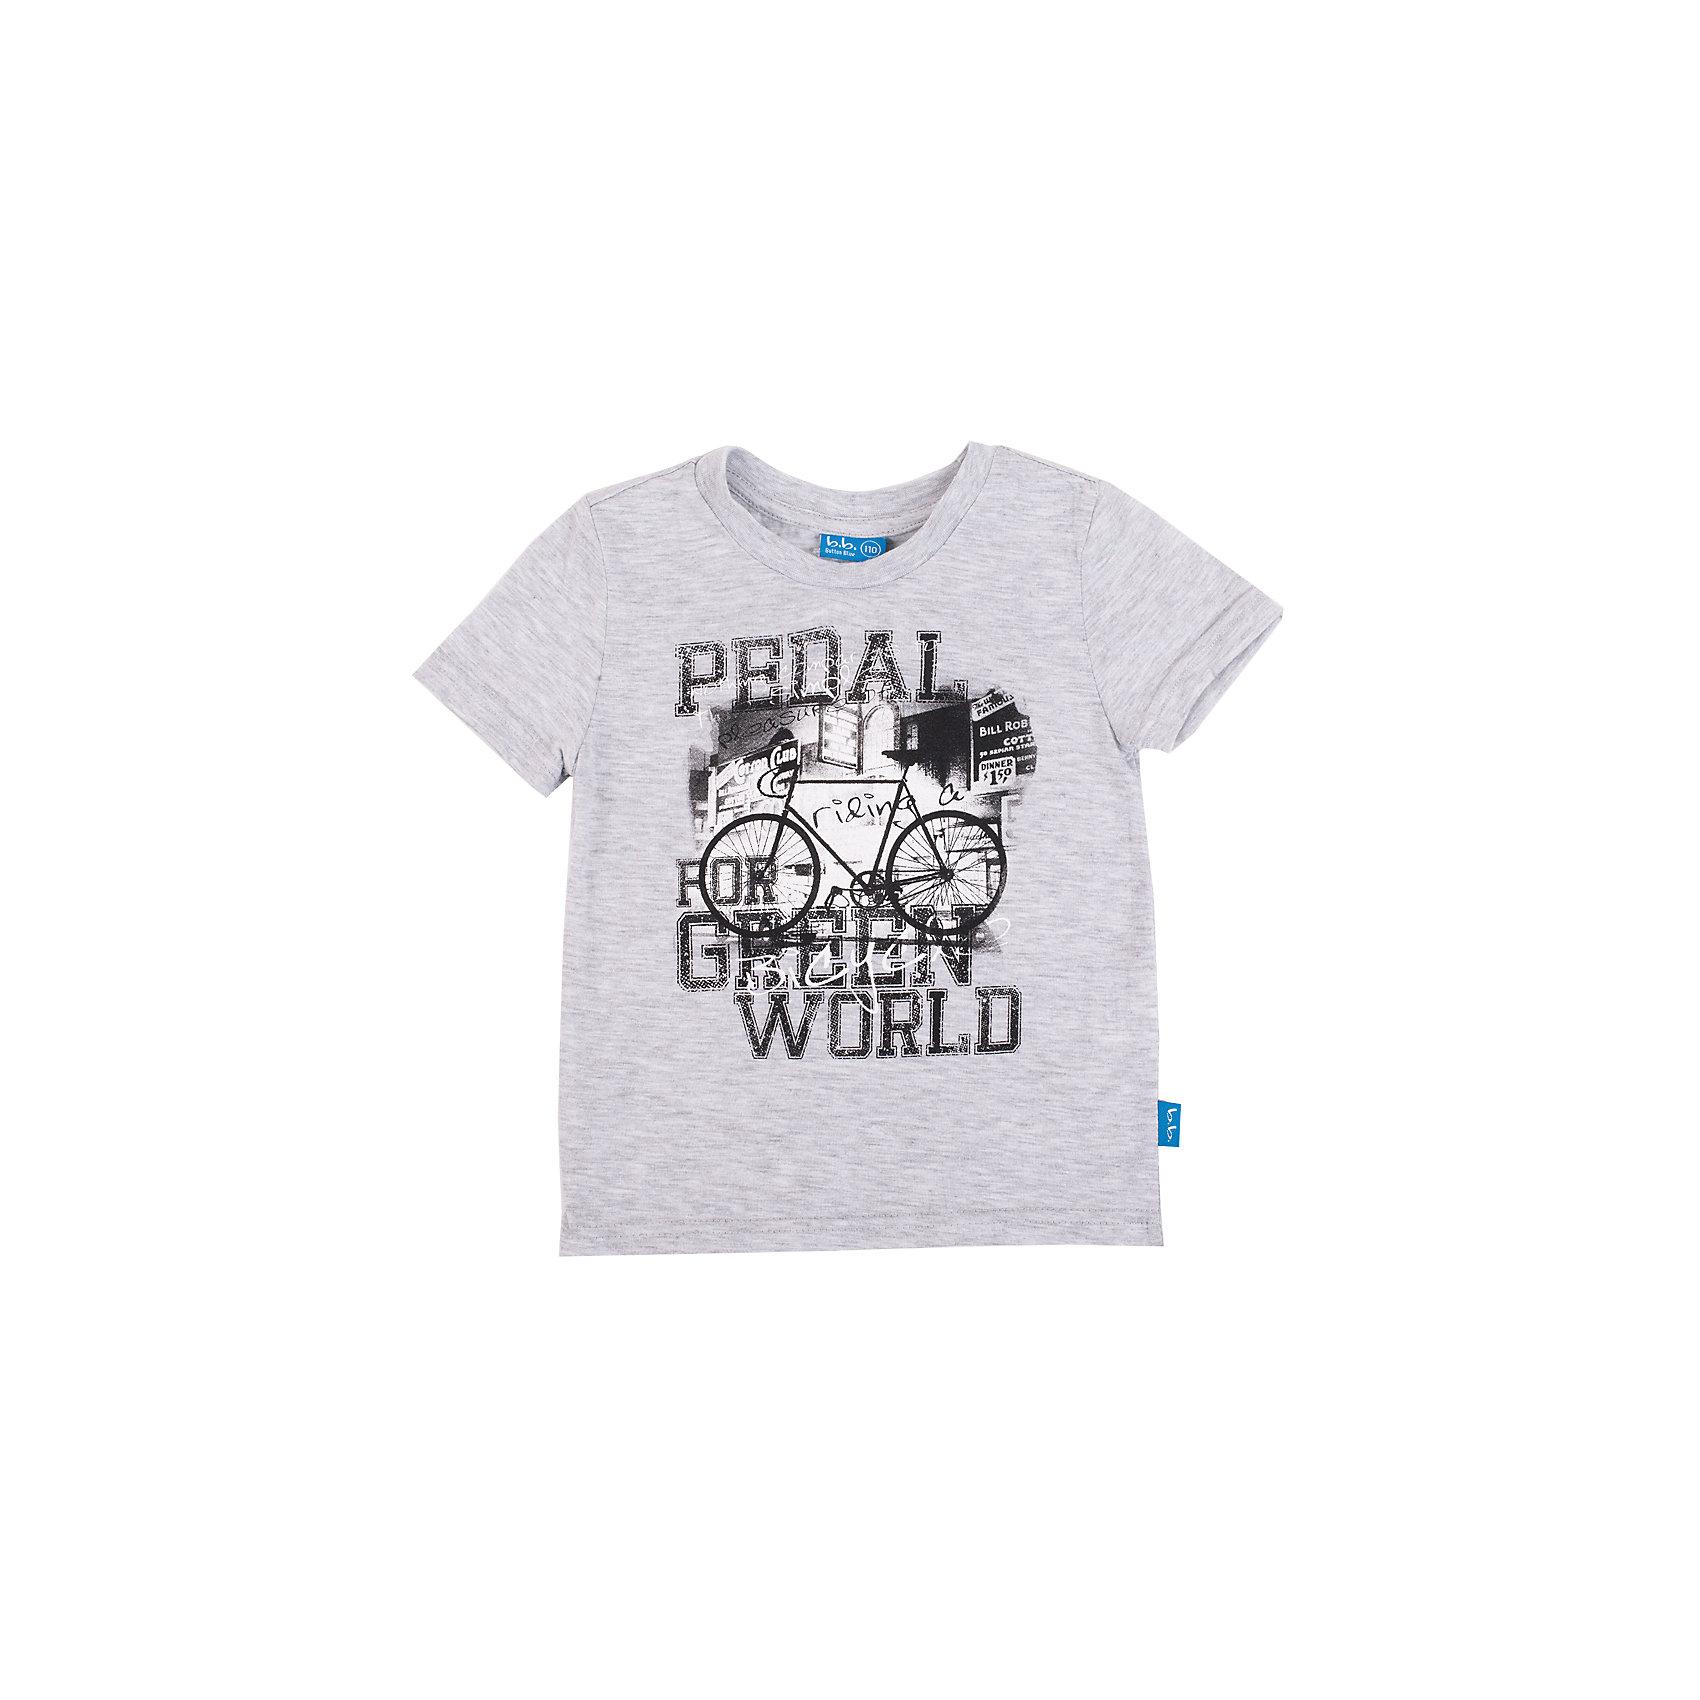 Футболка для мальчика Button BlueСерая меланжевая футболка с надписями и рисунками - не просто базовая вещь в гардеробе ребенка, а залог хорошего летнего настроения! Отличное качество и доступная цена прилагаются. Если вы решили купить недорого модную практичную футболку для мальчика, выберете модель футболки с принтом, и ваш ребенок будет доволен!<br>Состав:<br>100% хлопок<br><br>Ширина мм: 199<br>Глубина мм: 10<br>Высота мм: 161<br>Вес г: 151<br>Цвет: серый<br>Возраст от месяцев: 144<br>Возраст до месяцев: 156<br>Пол: Мужской<br>Возраст: Детский<br>Размер: 158,146,140,104,128,152,98,134,116,122,110<br>SKU: 4509922